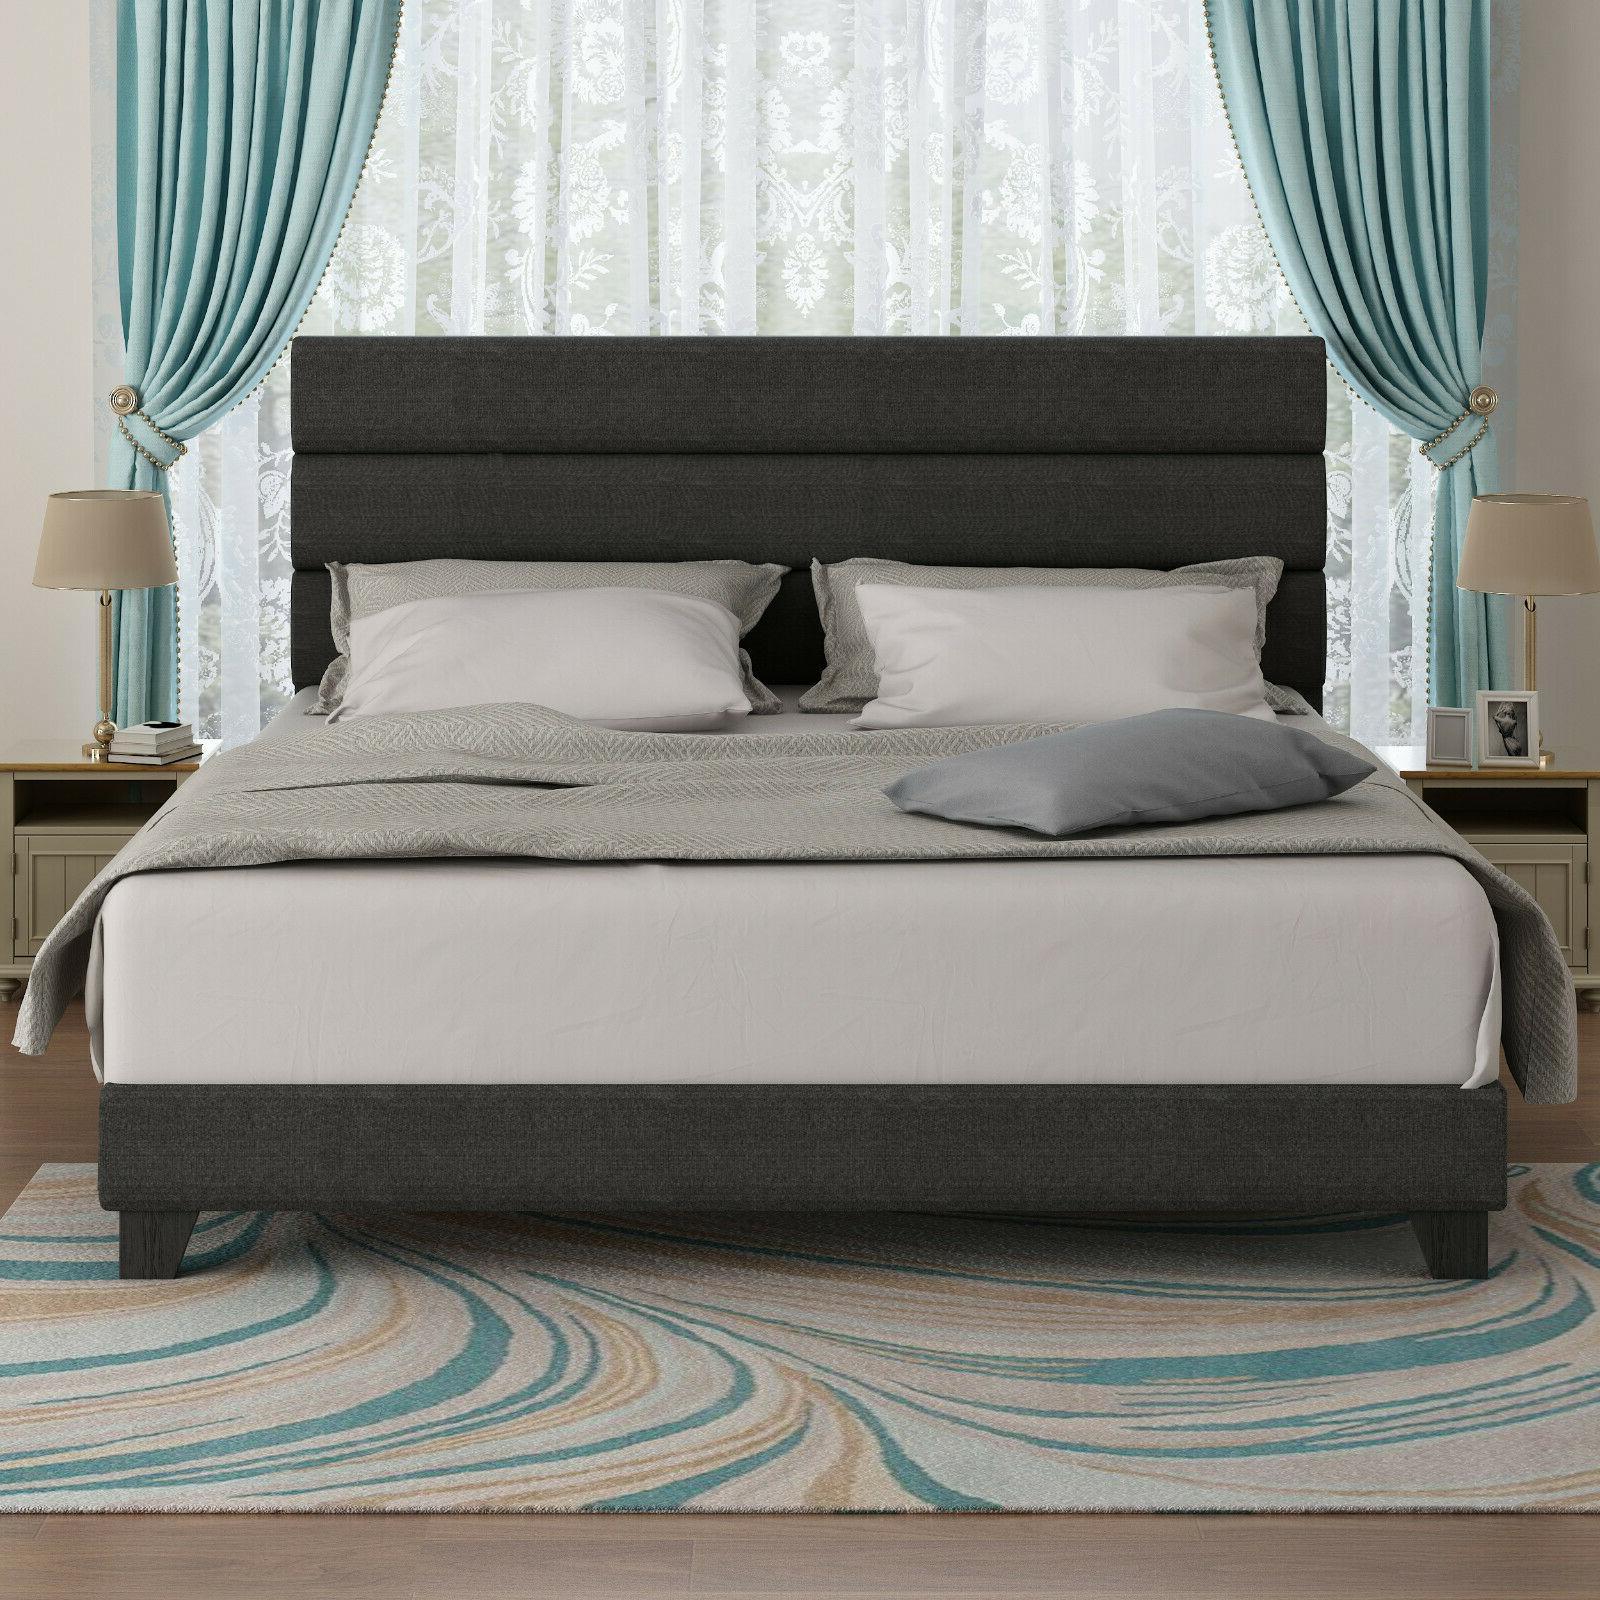 King Bed Frame, Upholstered Platform Wooden Slat,